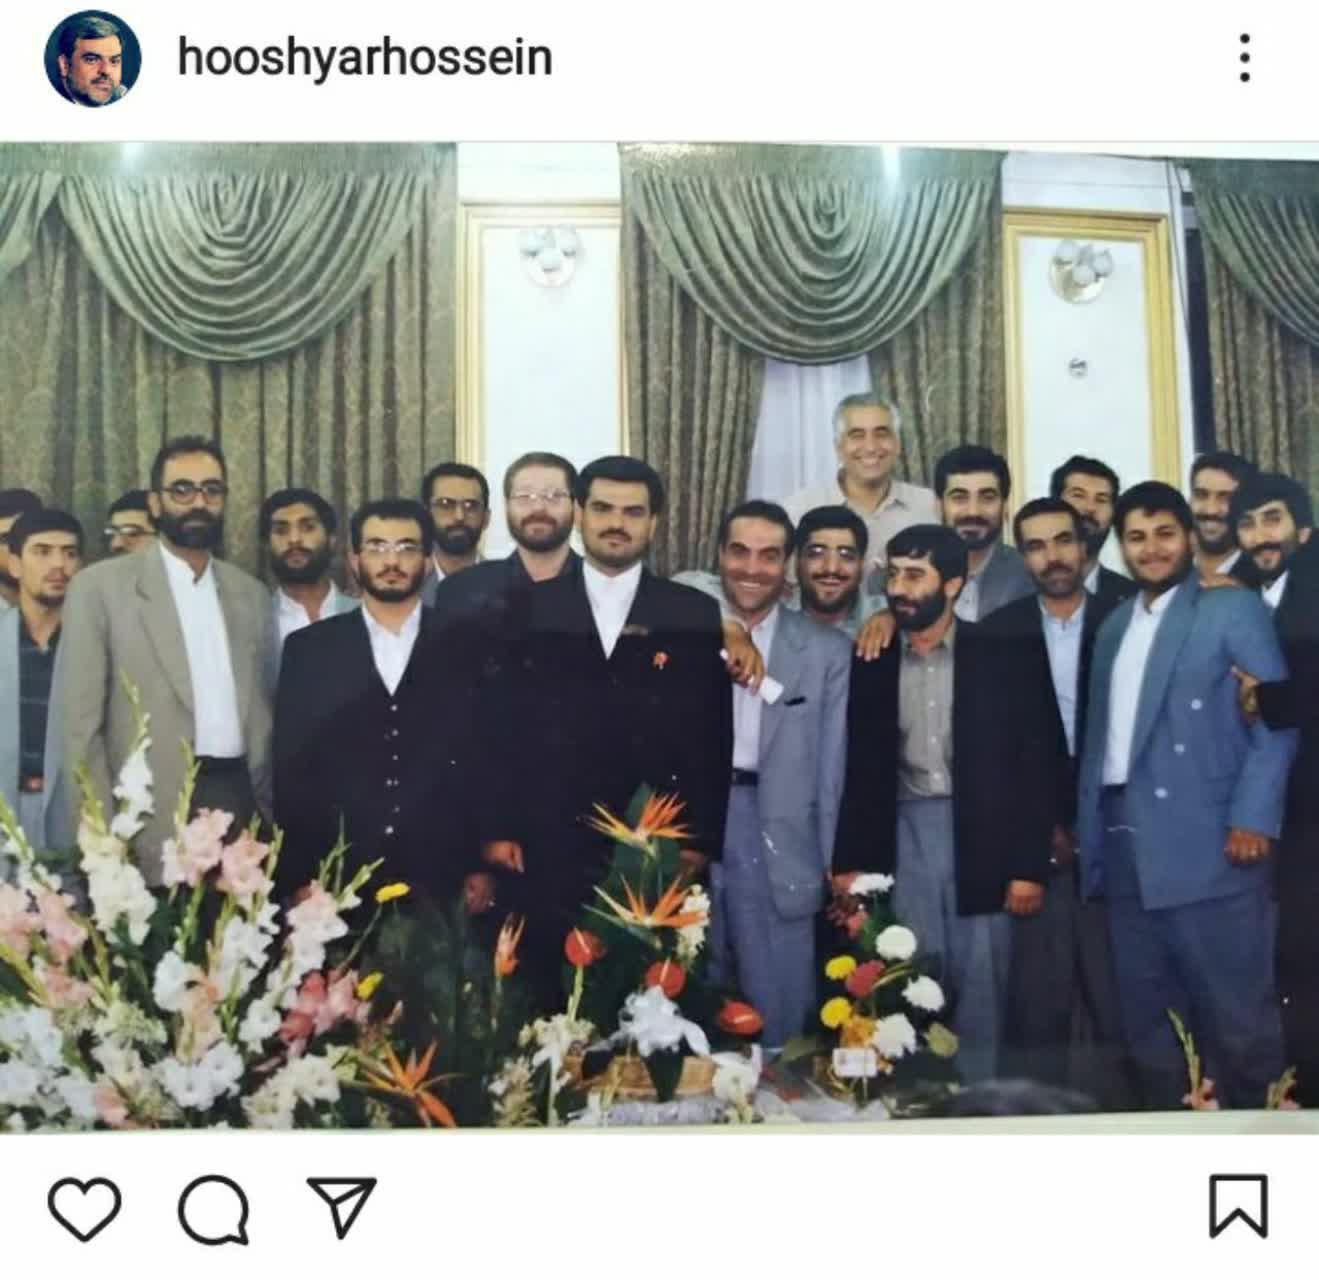 عروسی حاج حسین هوشیار مداح معروف /عکس